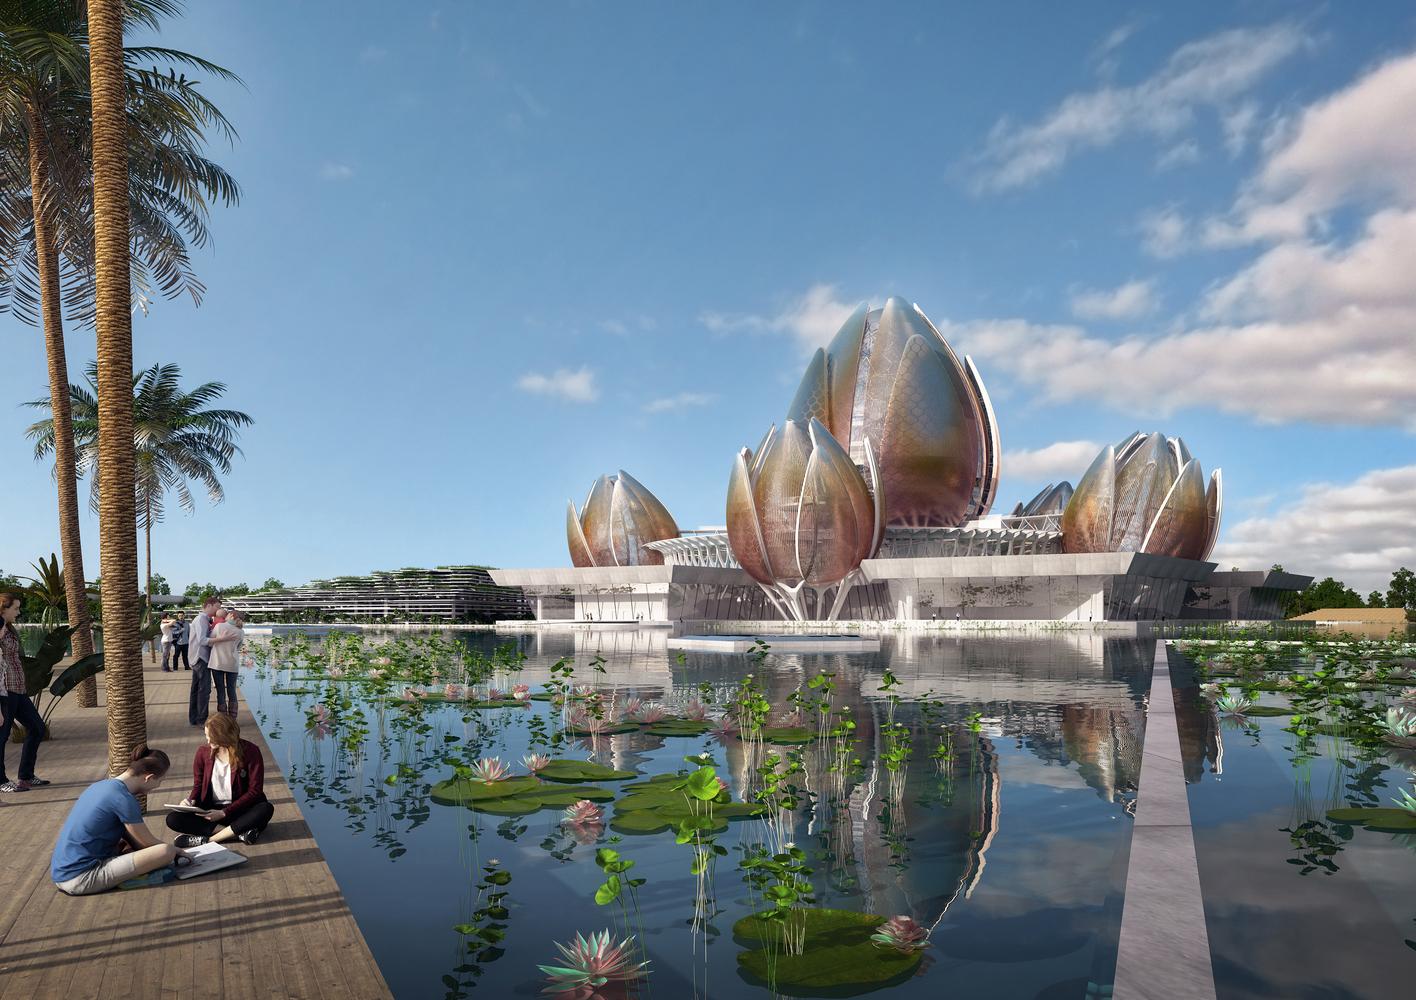 Kiến trúc trung tâm văn hóa nghệ thuật hình dáng bông sen vàng.4